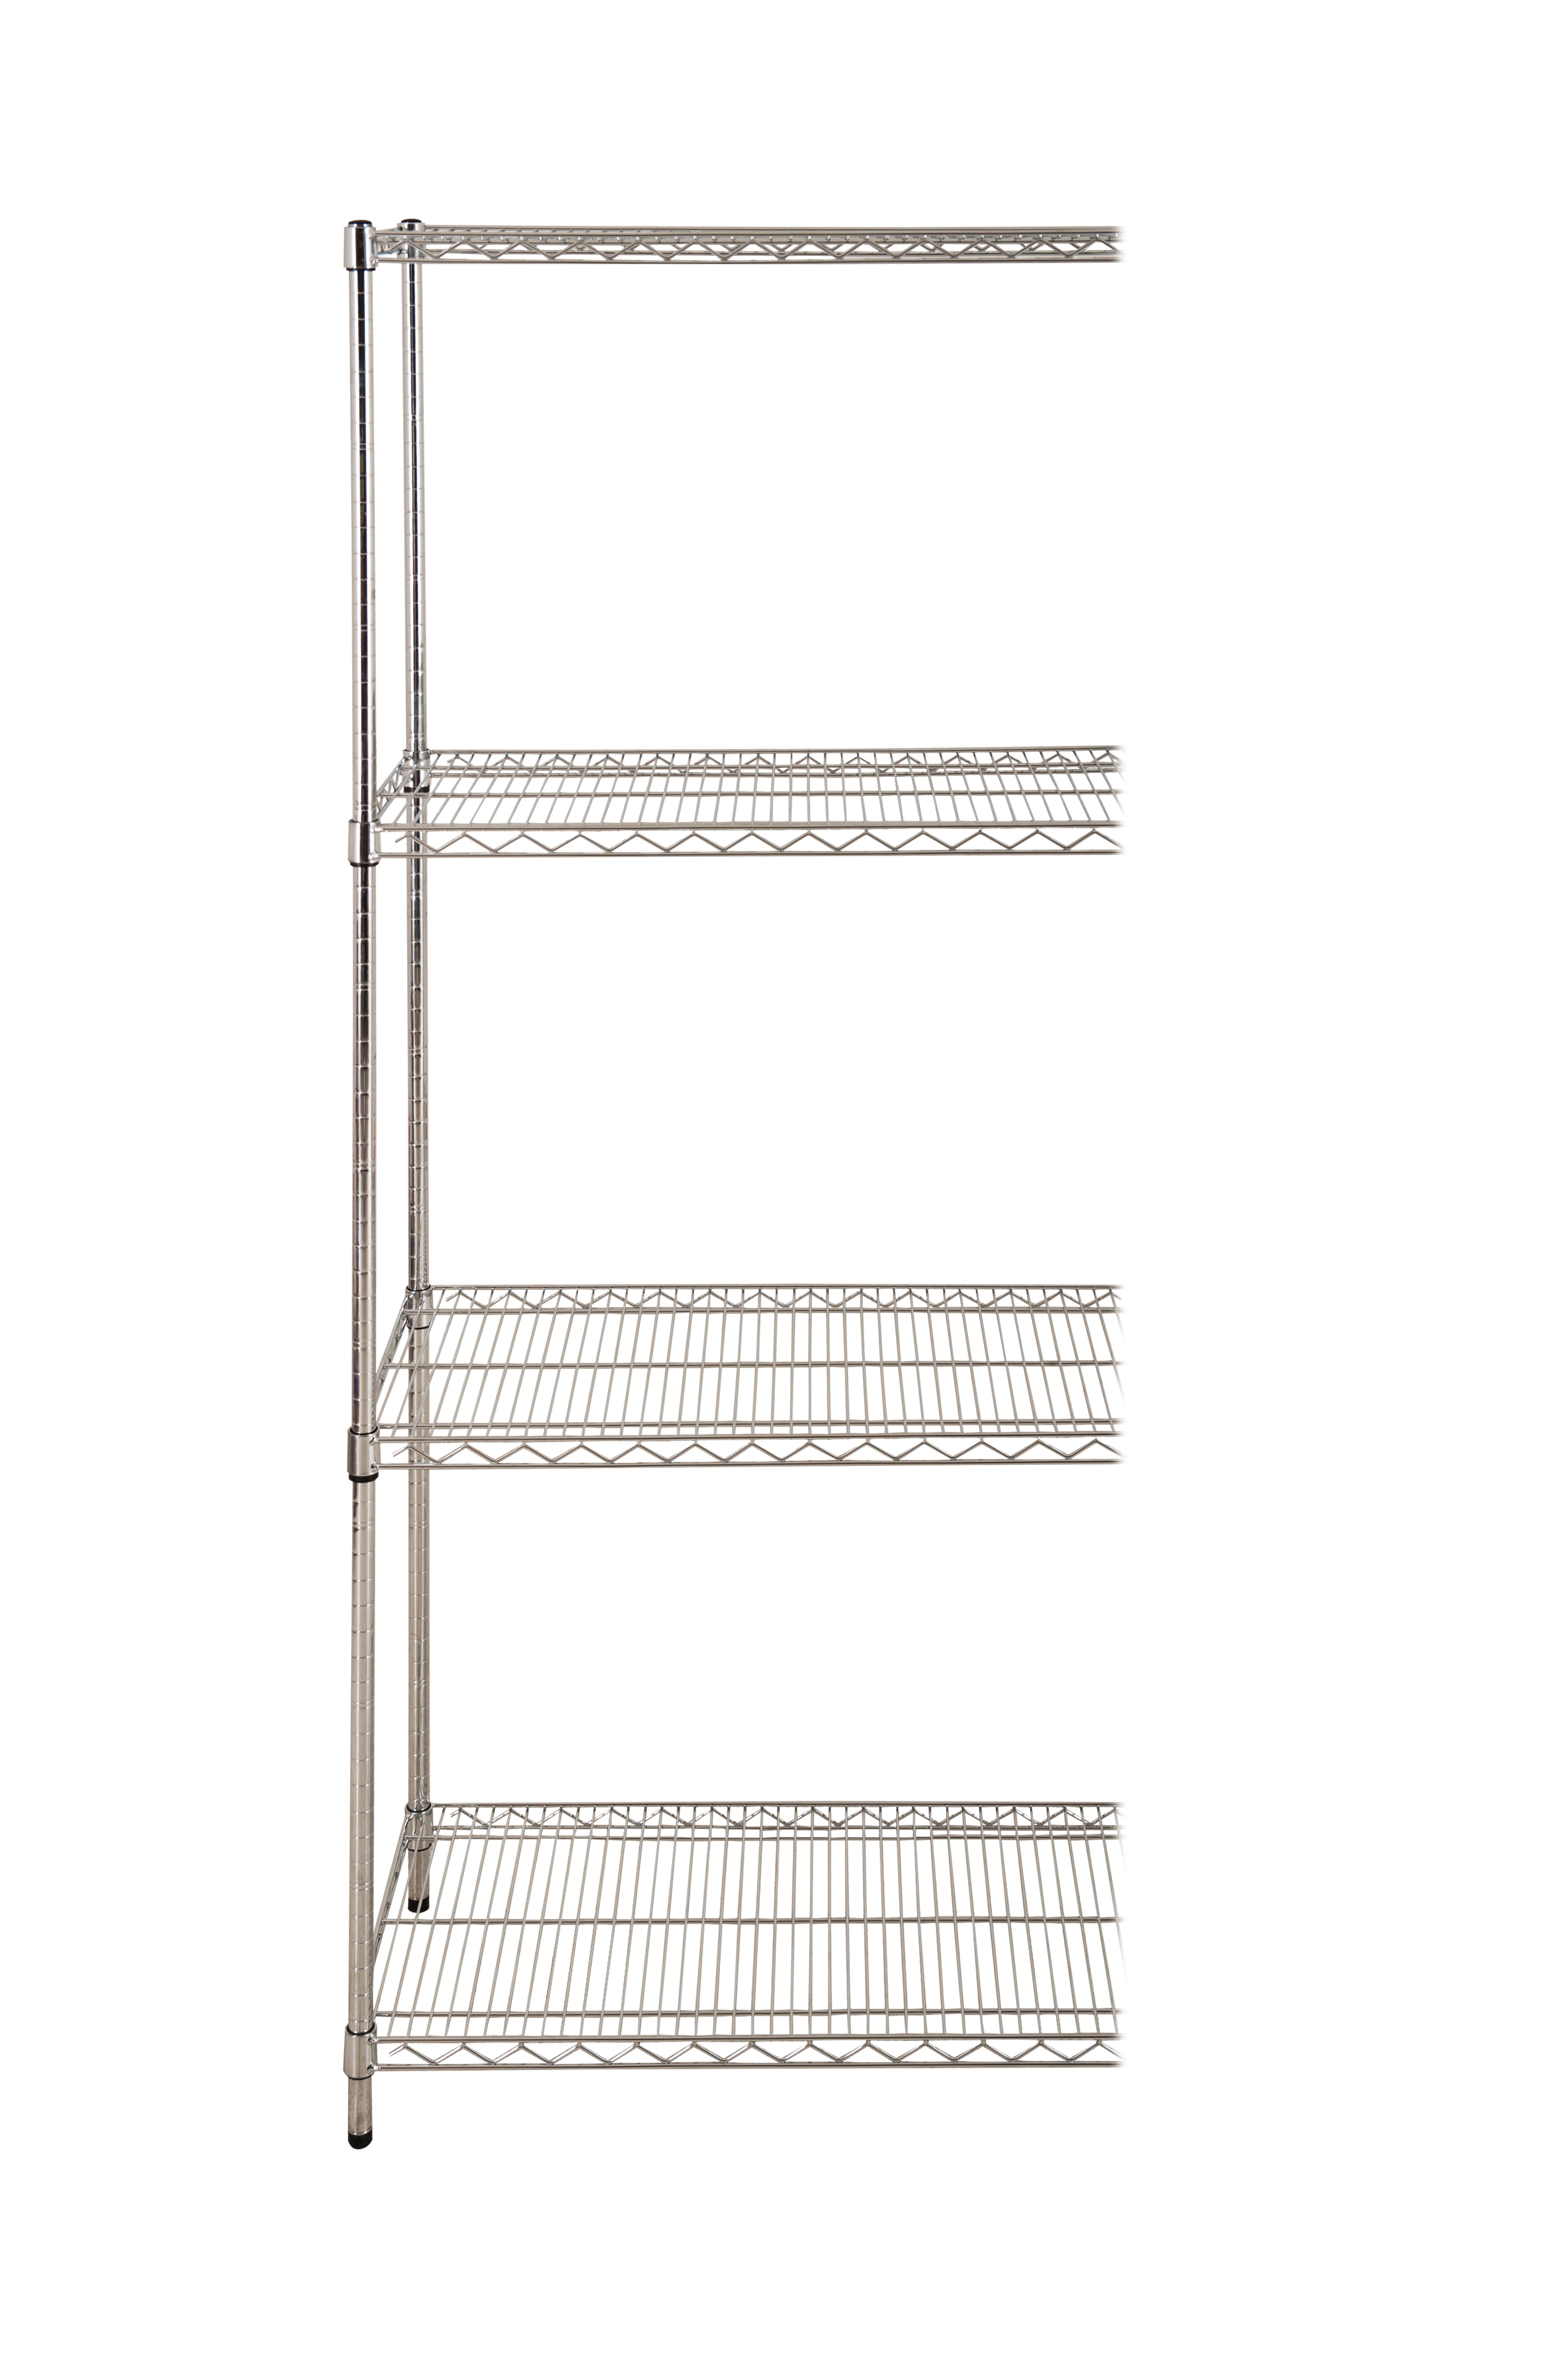 4 Shelf Chrome Add On Bay - 1600 x 1220 x 355